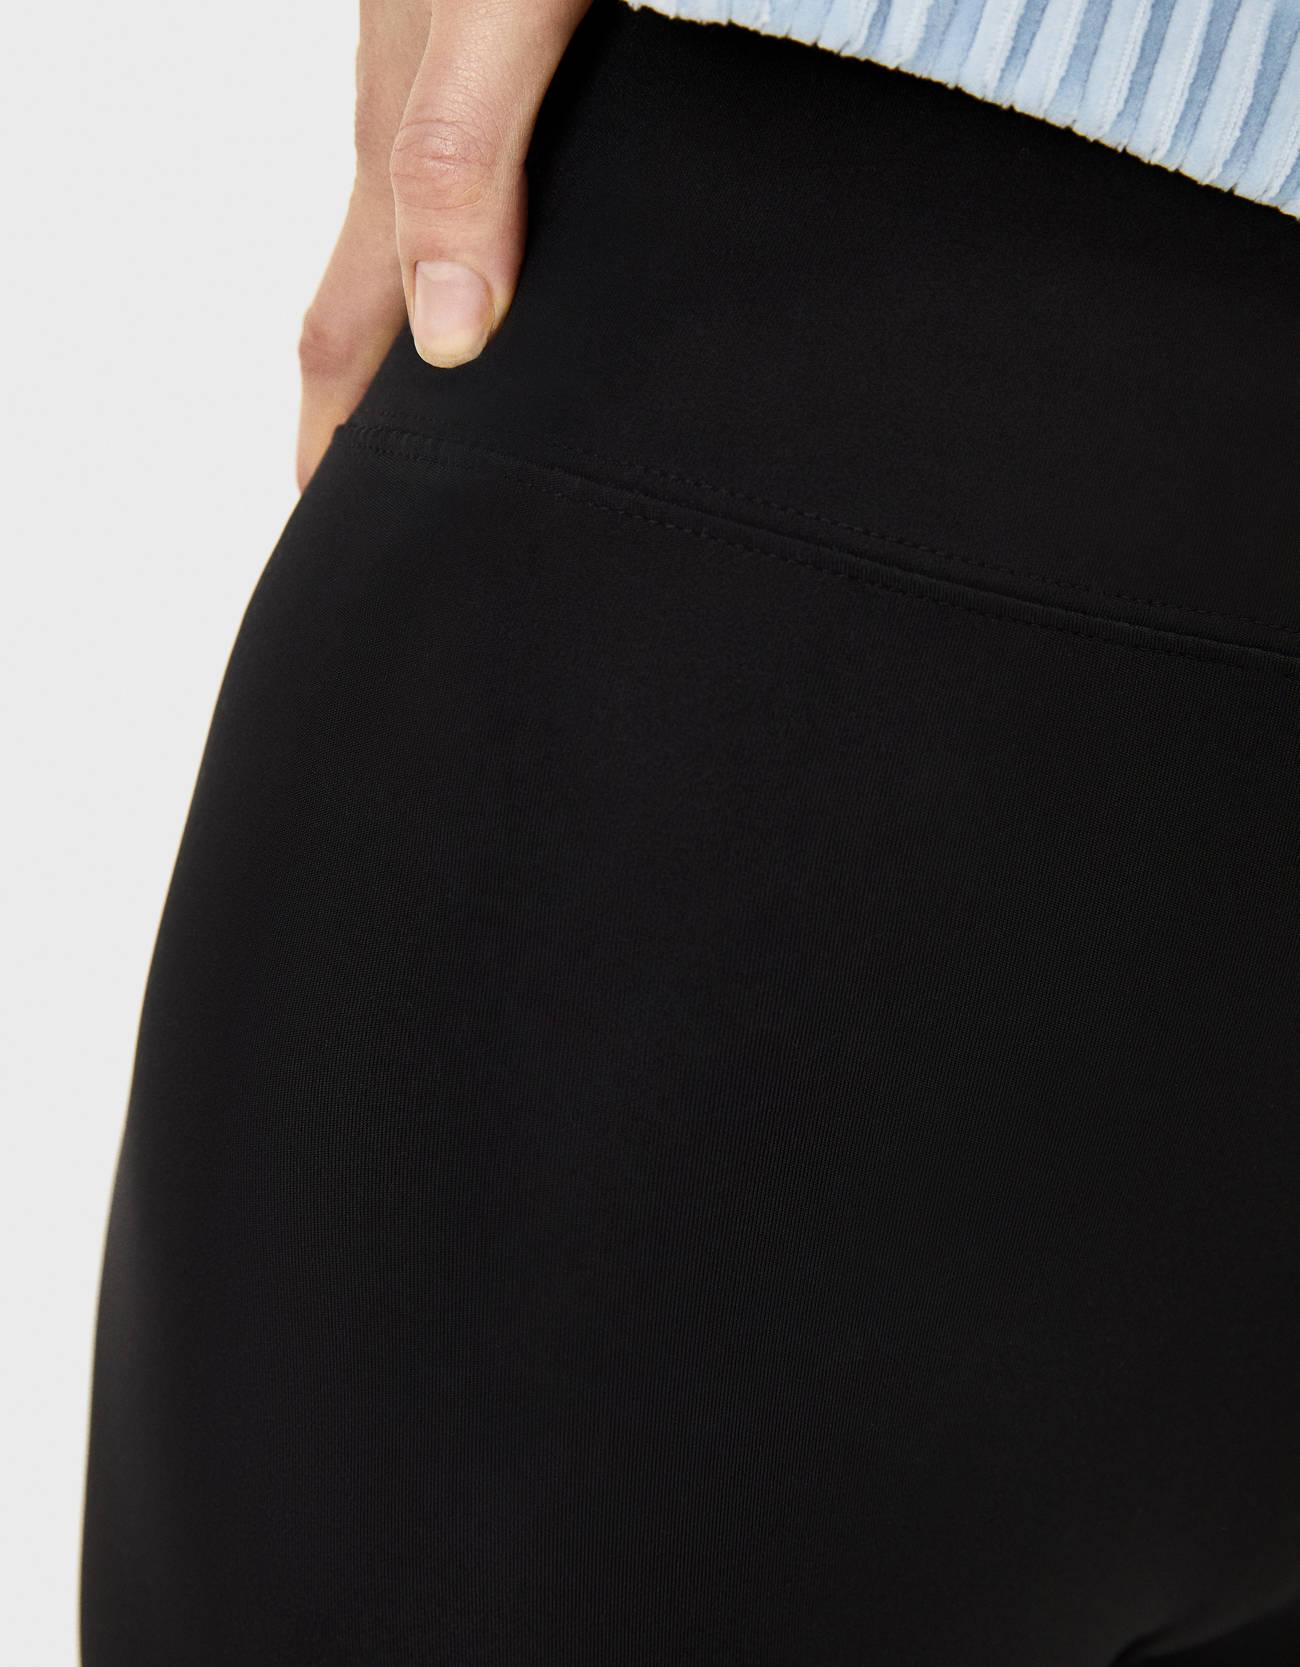 Легинсы из эластичной ткани Черный Bershka